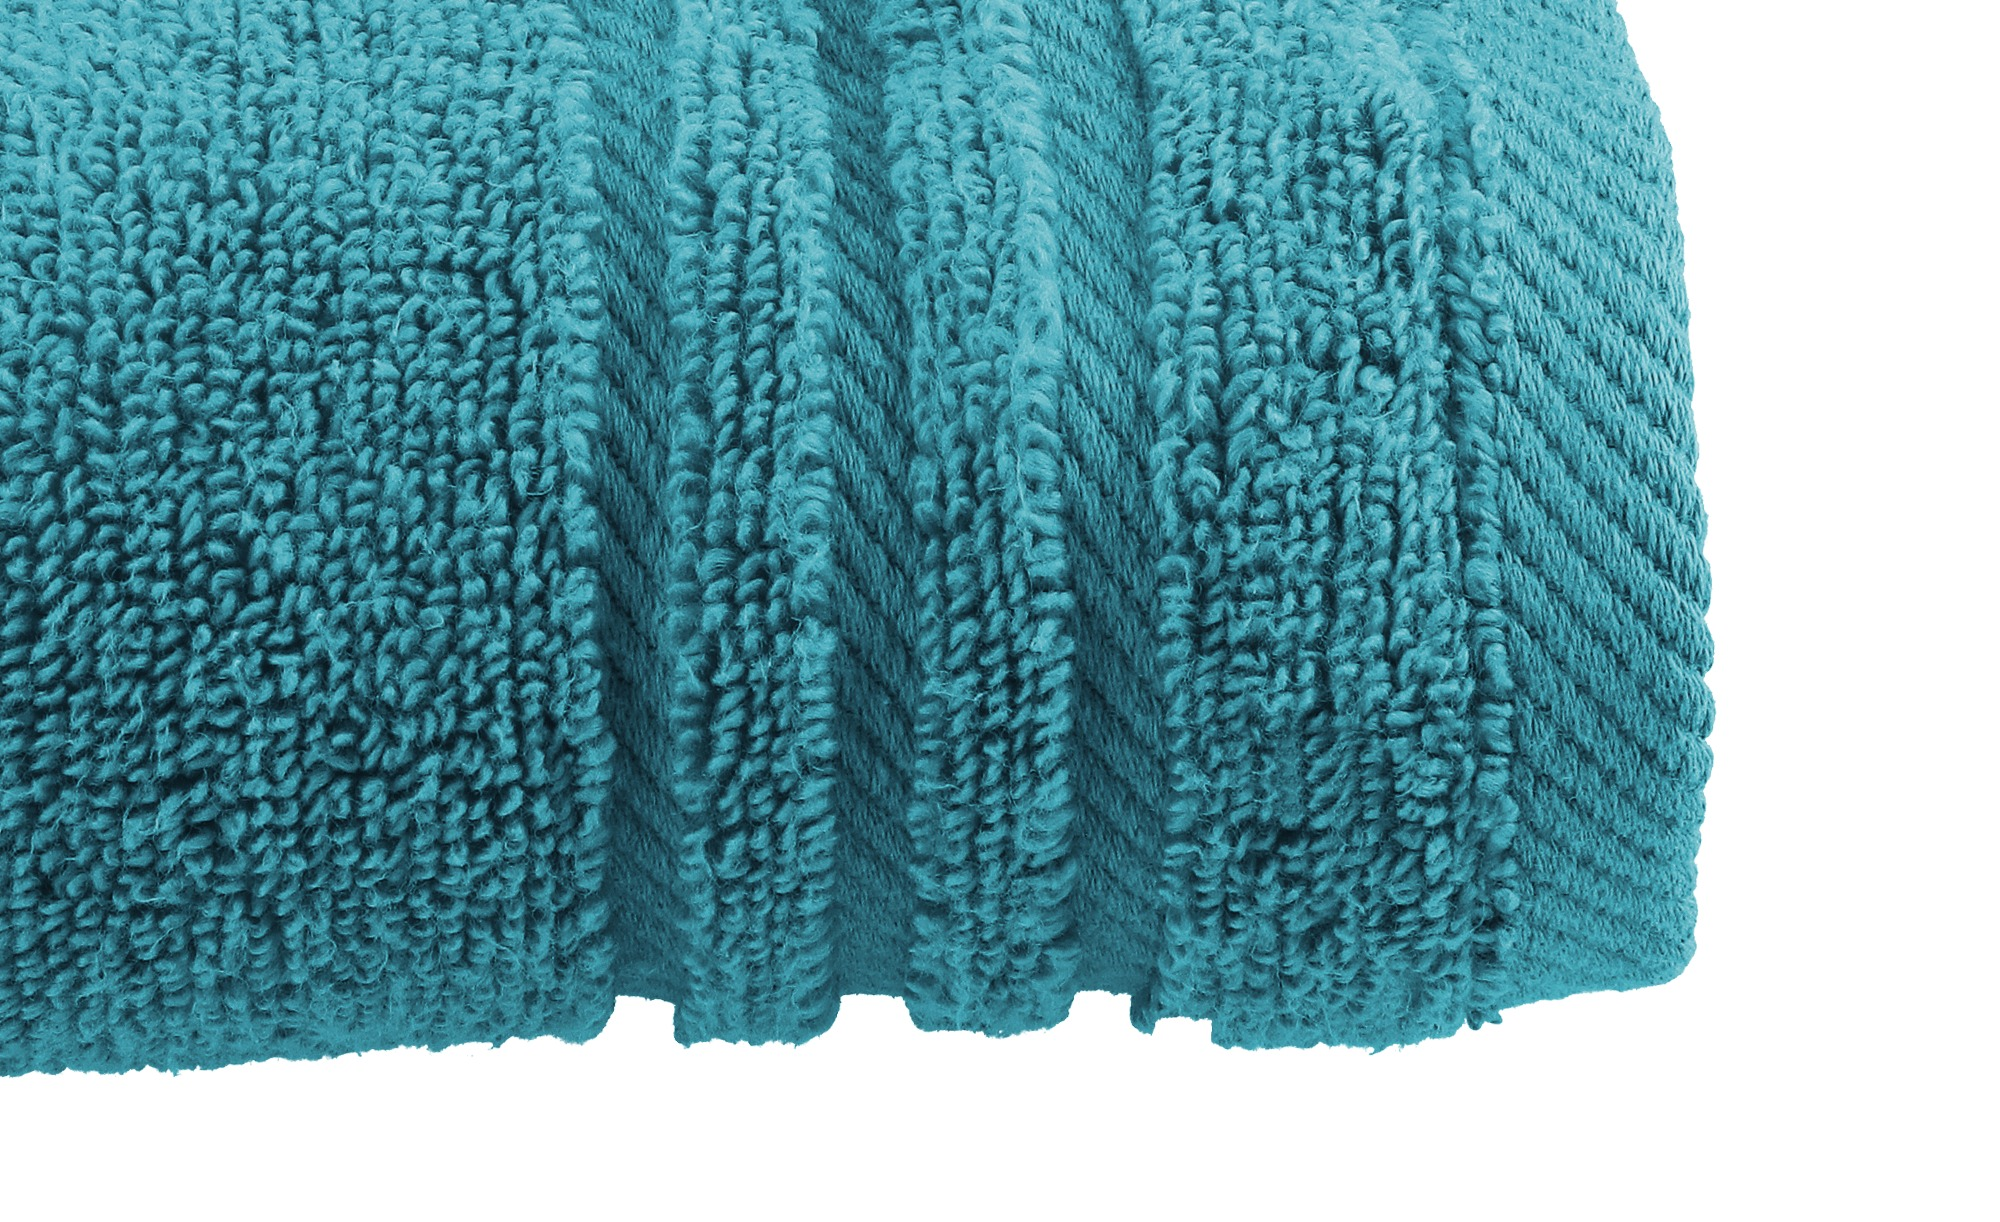 LAVIDA Gästetuch  Soft Cotton ¦ türkis/petrol ¦ reine Micro-Baumwolle Badte günstig online kaufen